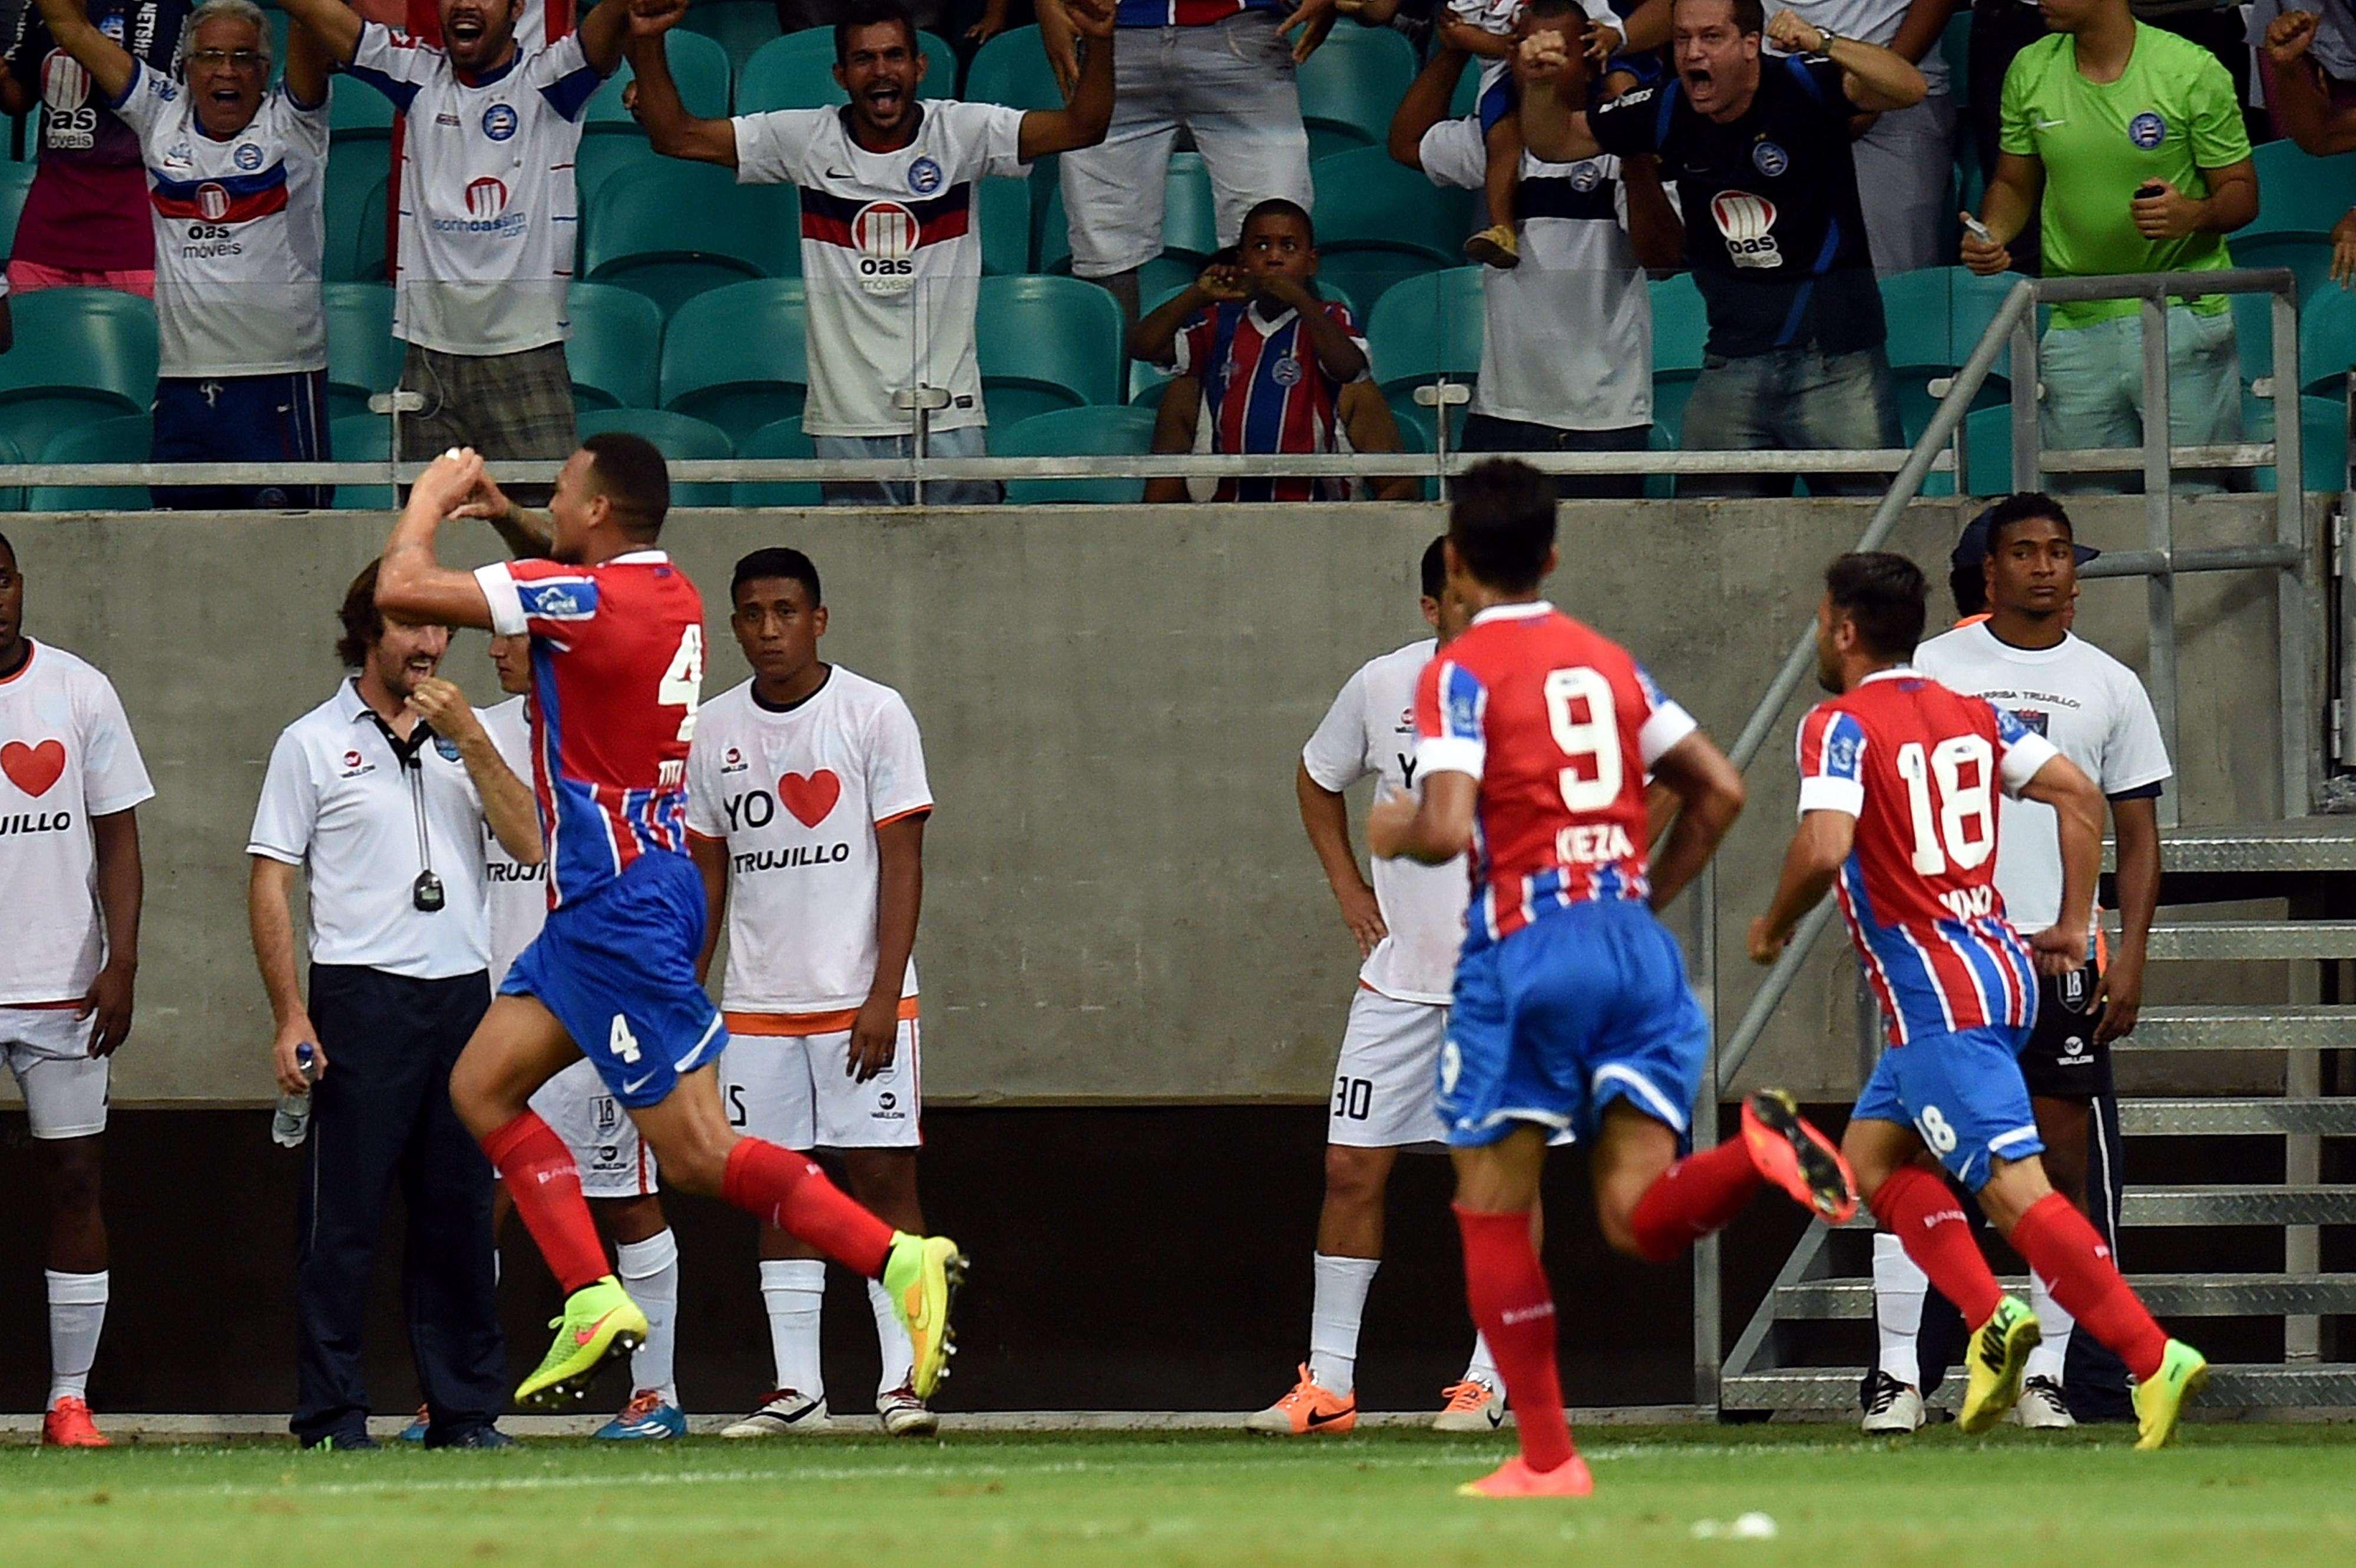 Jogadores do Bahia festejam vitória na Copa Sul-Americana Foto: Evaristo Sá/AFP